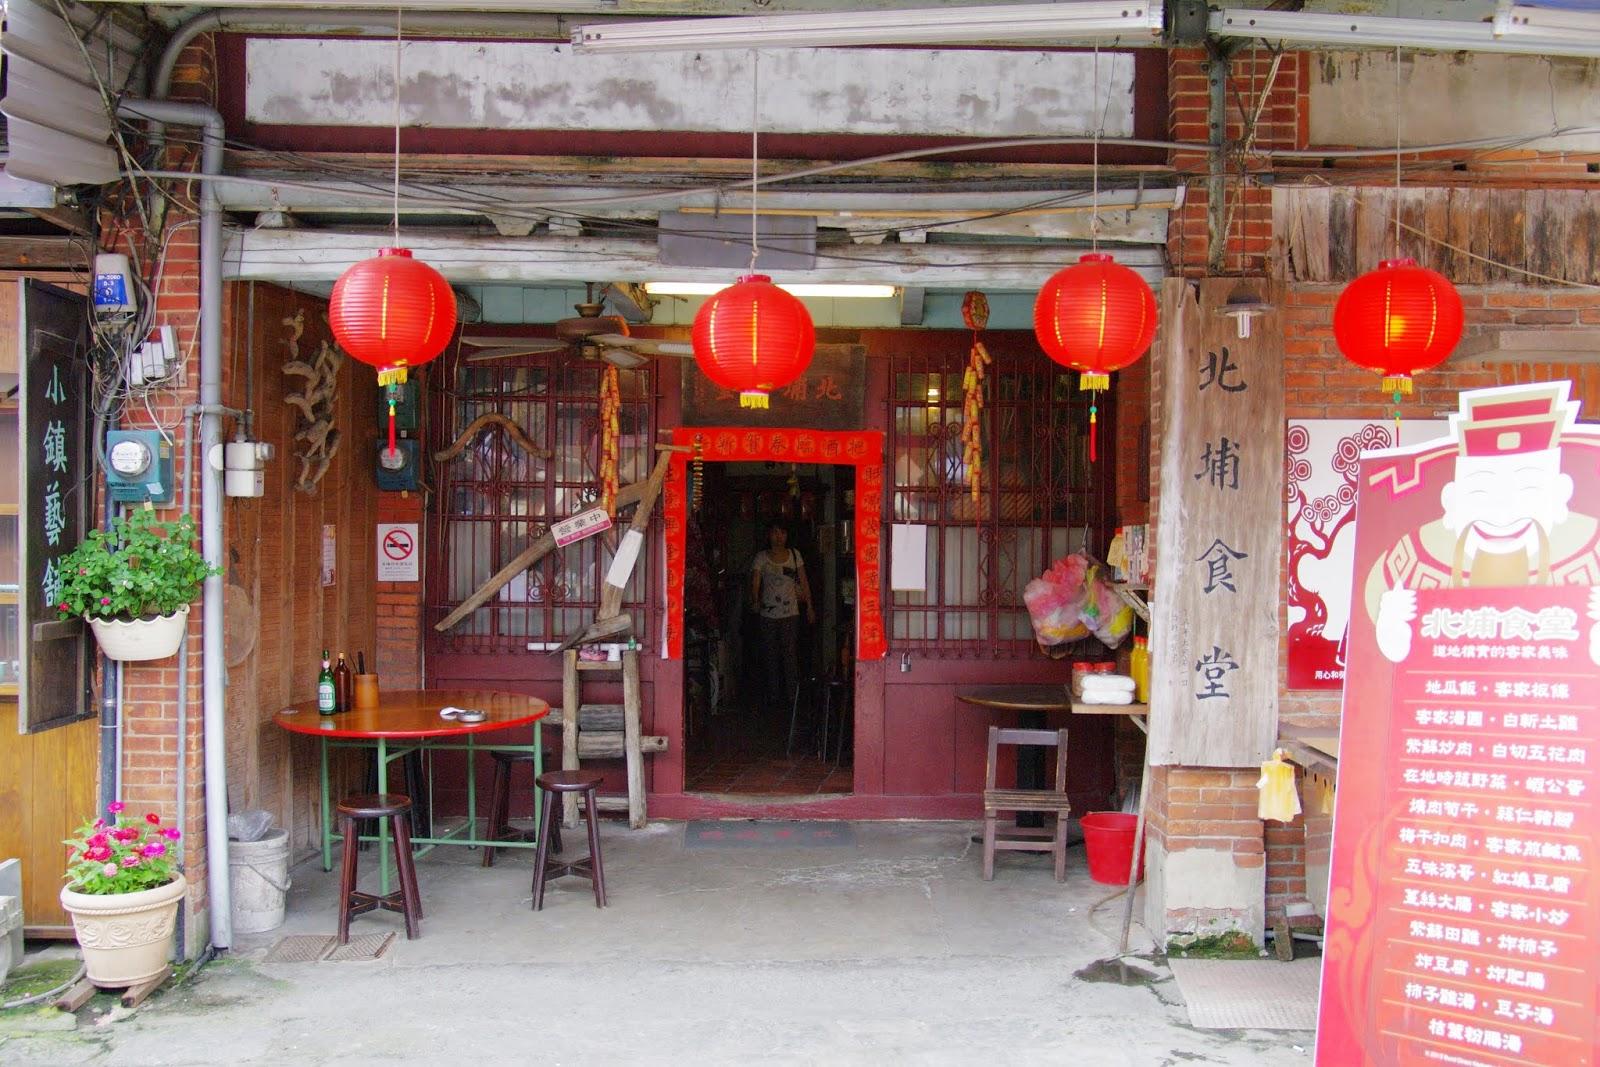 小瓜牛的窩: 2013 0616 - 2 北埔逛老街 + 北埔食堂 客家菜